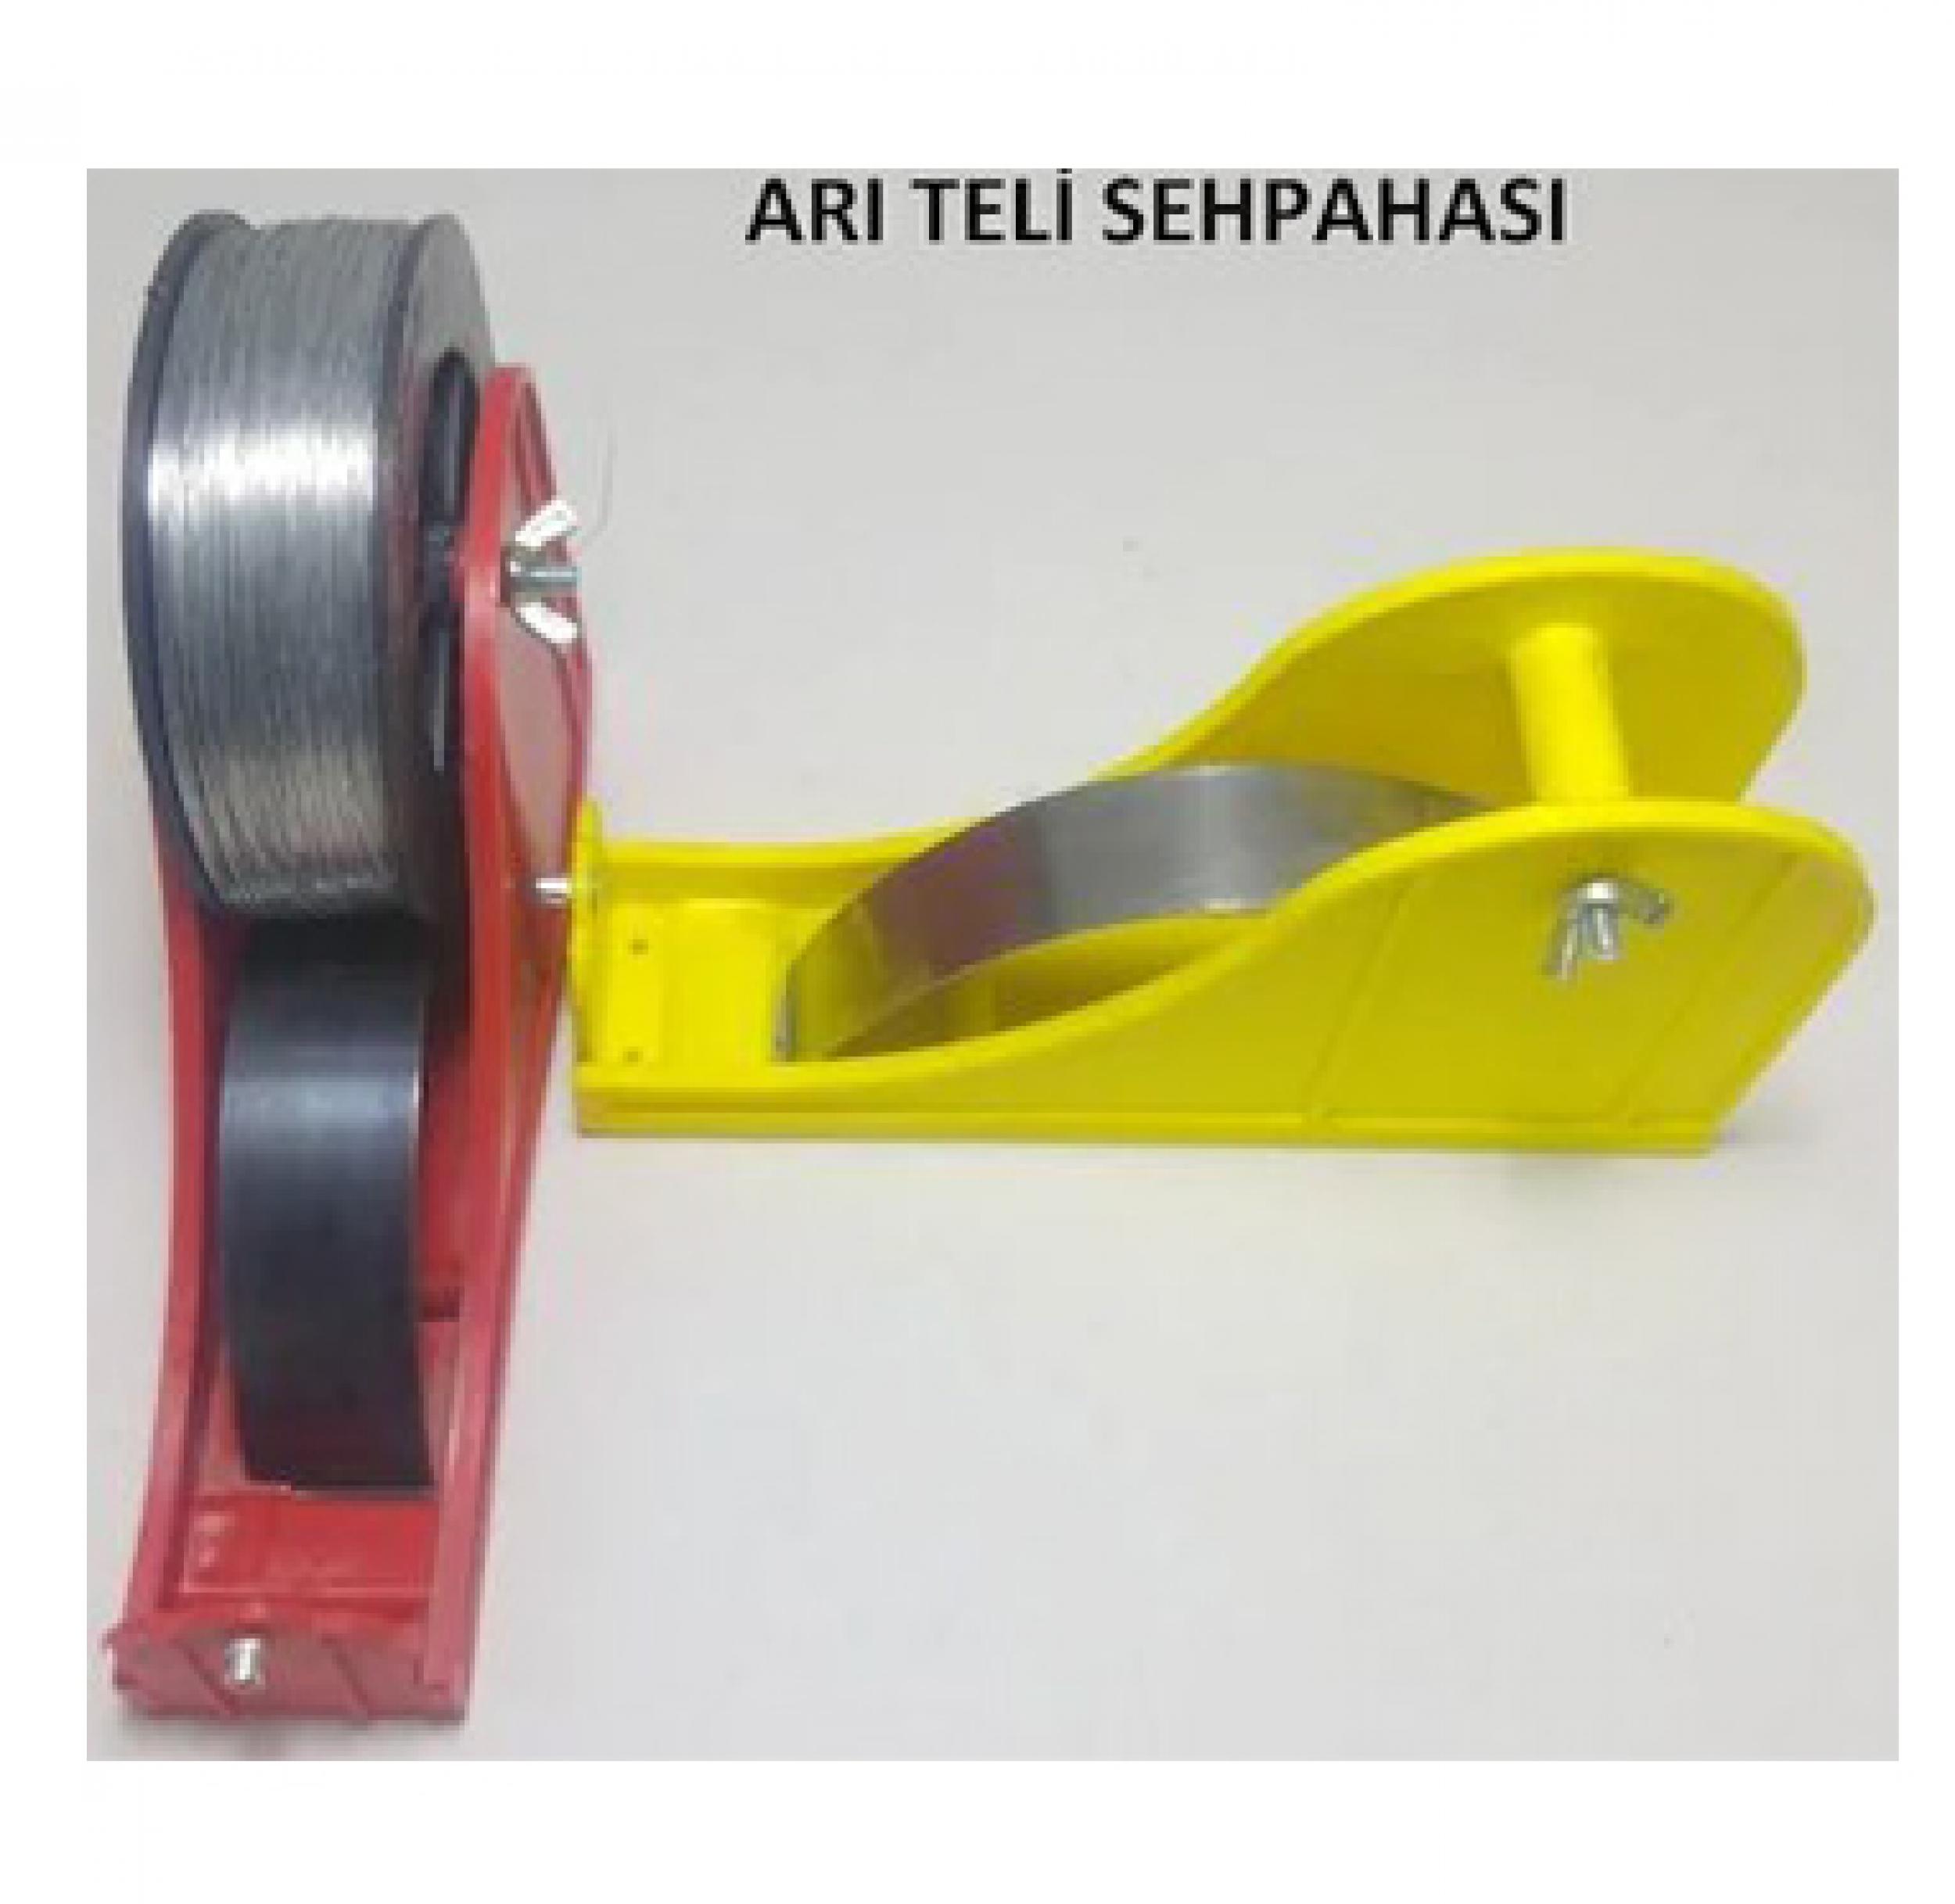 TEL GERME SEHPASI